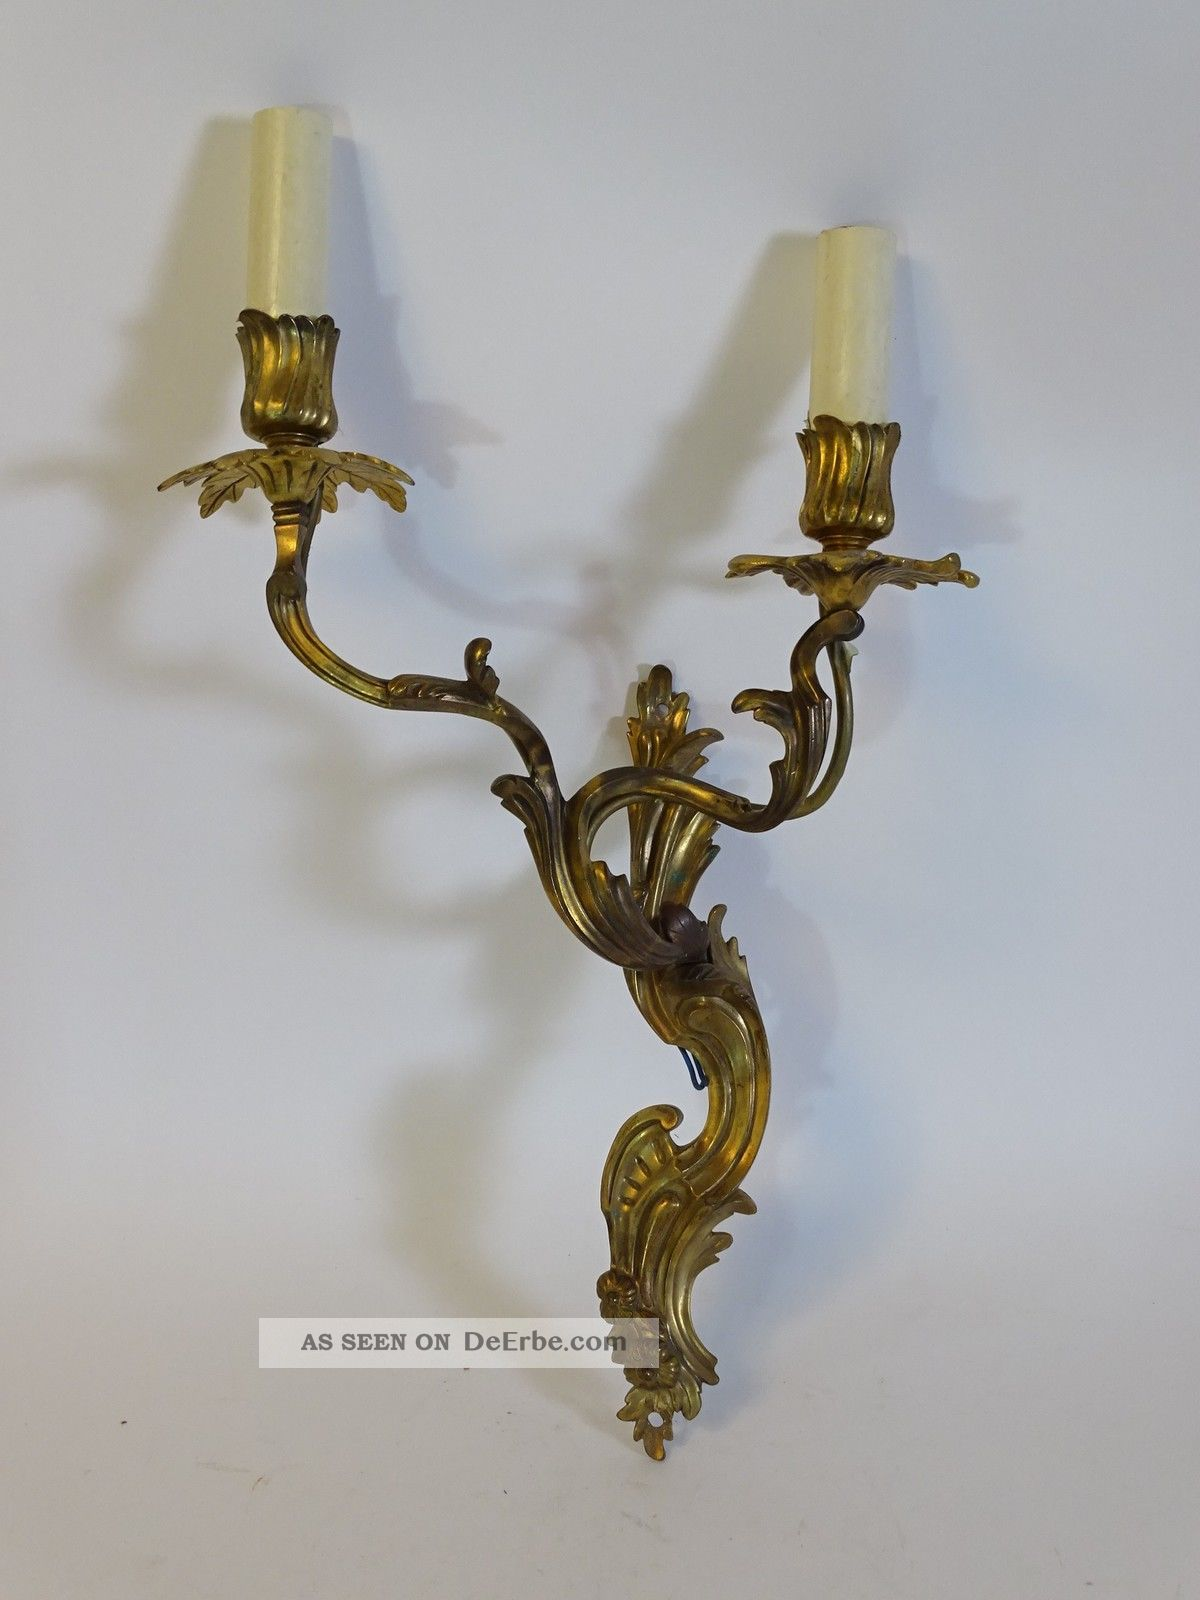 2 - Flammiger Antiker Messing Wandleuchter In Ausgefallener Formgebung Messing Bild